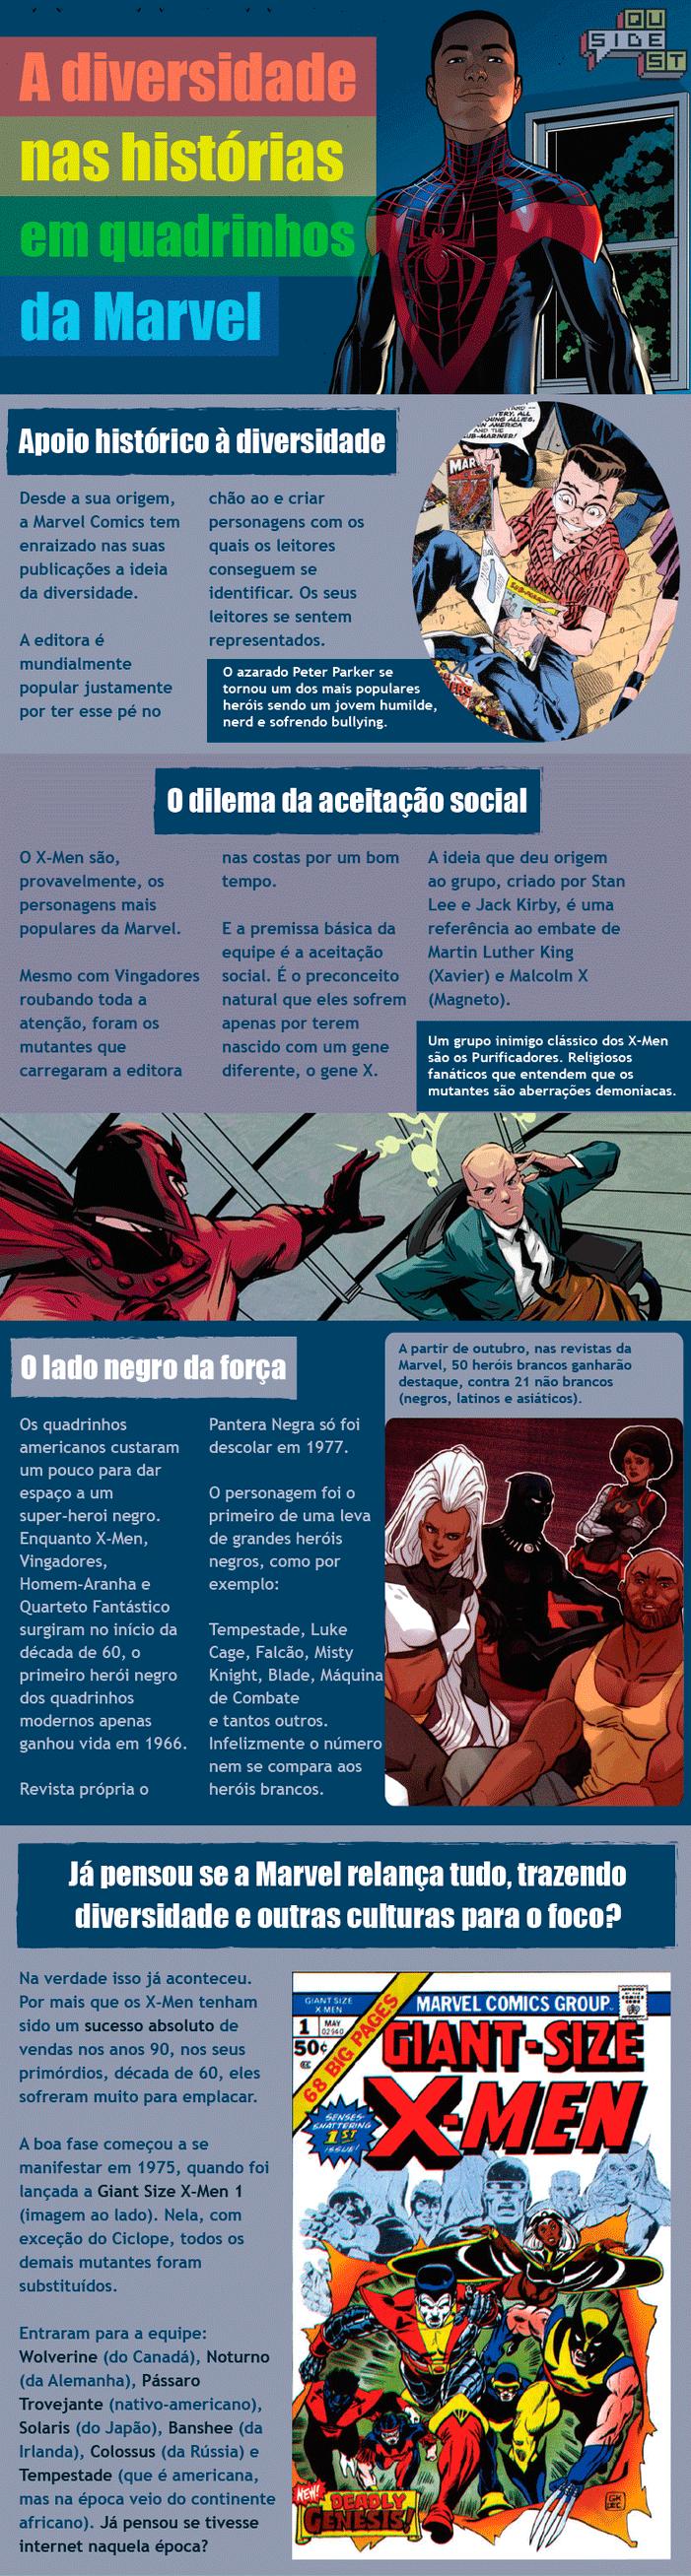 A-diversidade-nas-historias-em-quadrinhos-da-Marvel_01